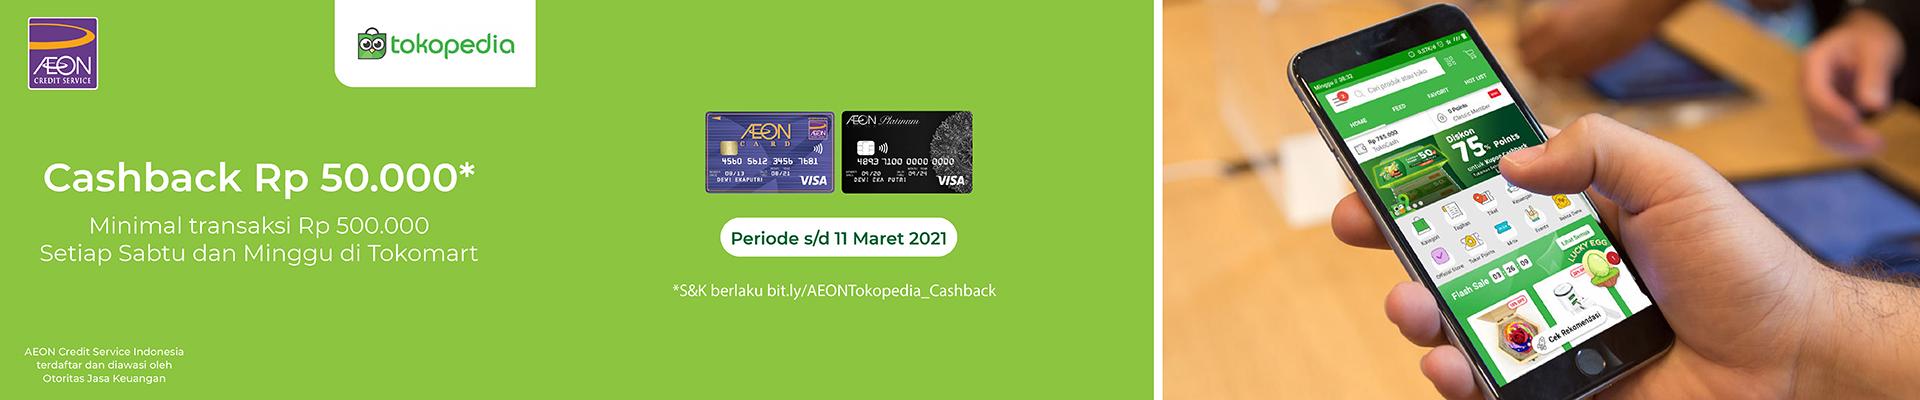 Visa Epic Experiences Tokopedia - Dapatkan Cashback hingga Rp 50.000 dengan Kartu Kredit AEON Kamu!